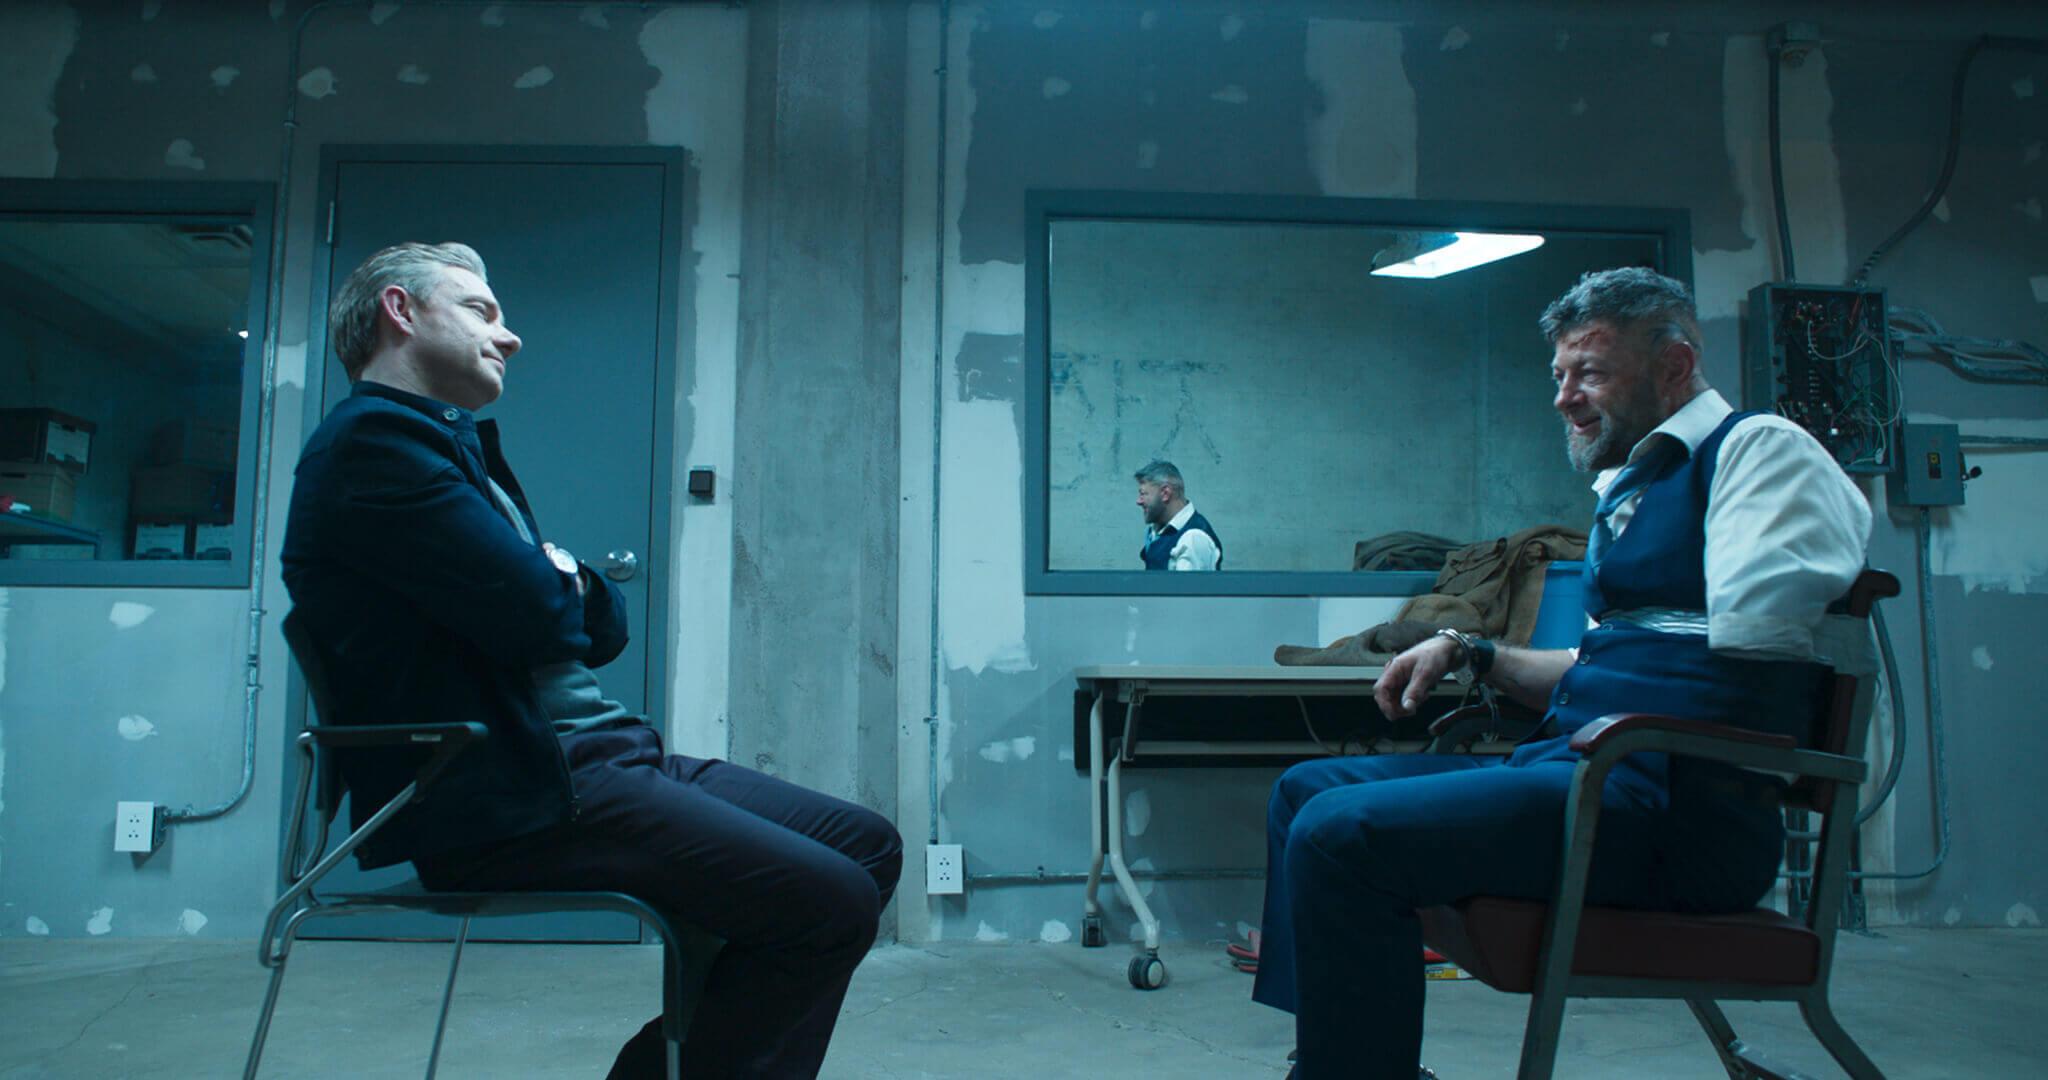 黑豹 聯合反恐中心 艾爾佛特羅斯 馬丁費里曼 飾